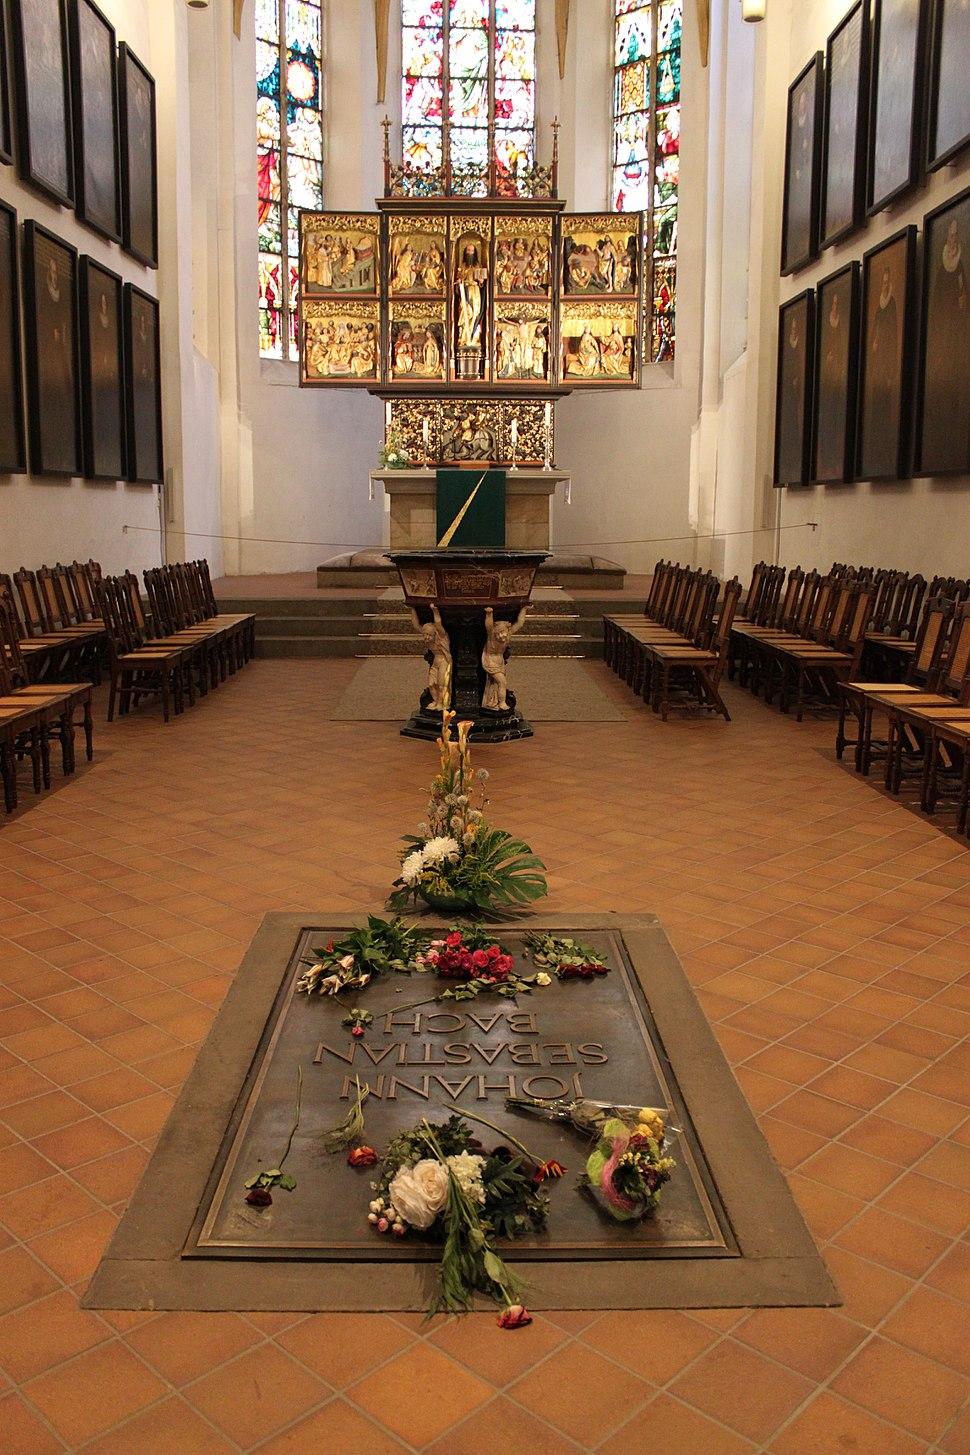 Grave of Johann Sebastian Bach and altar Leipzig